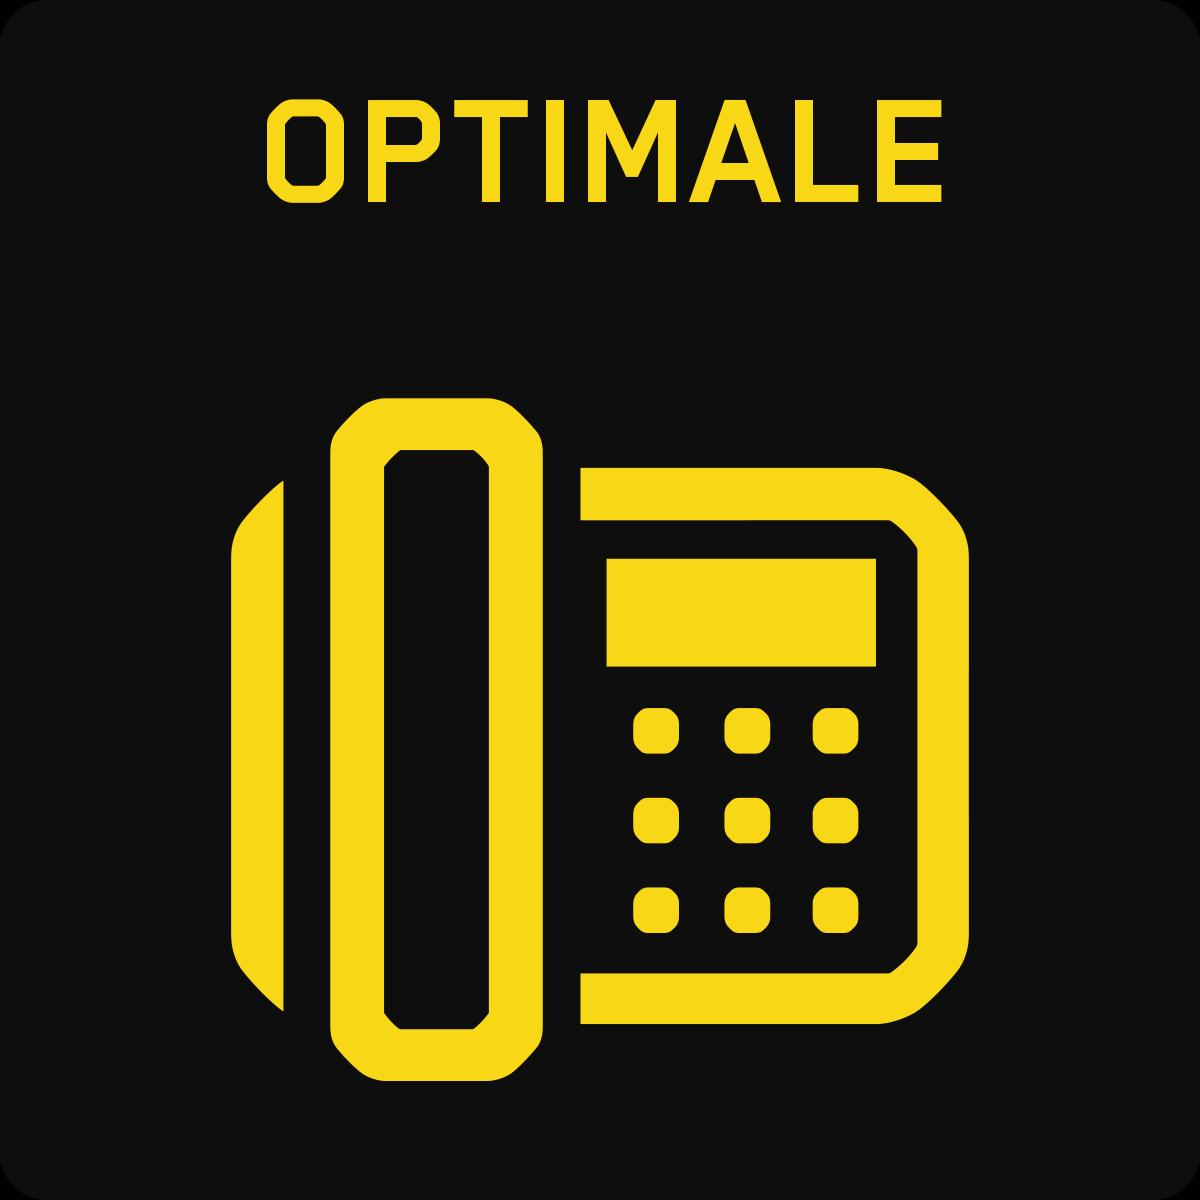 Ligne Téléphonique Optimale